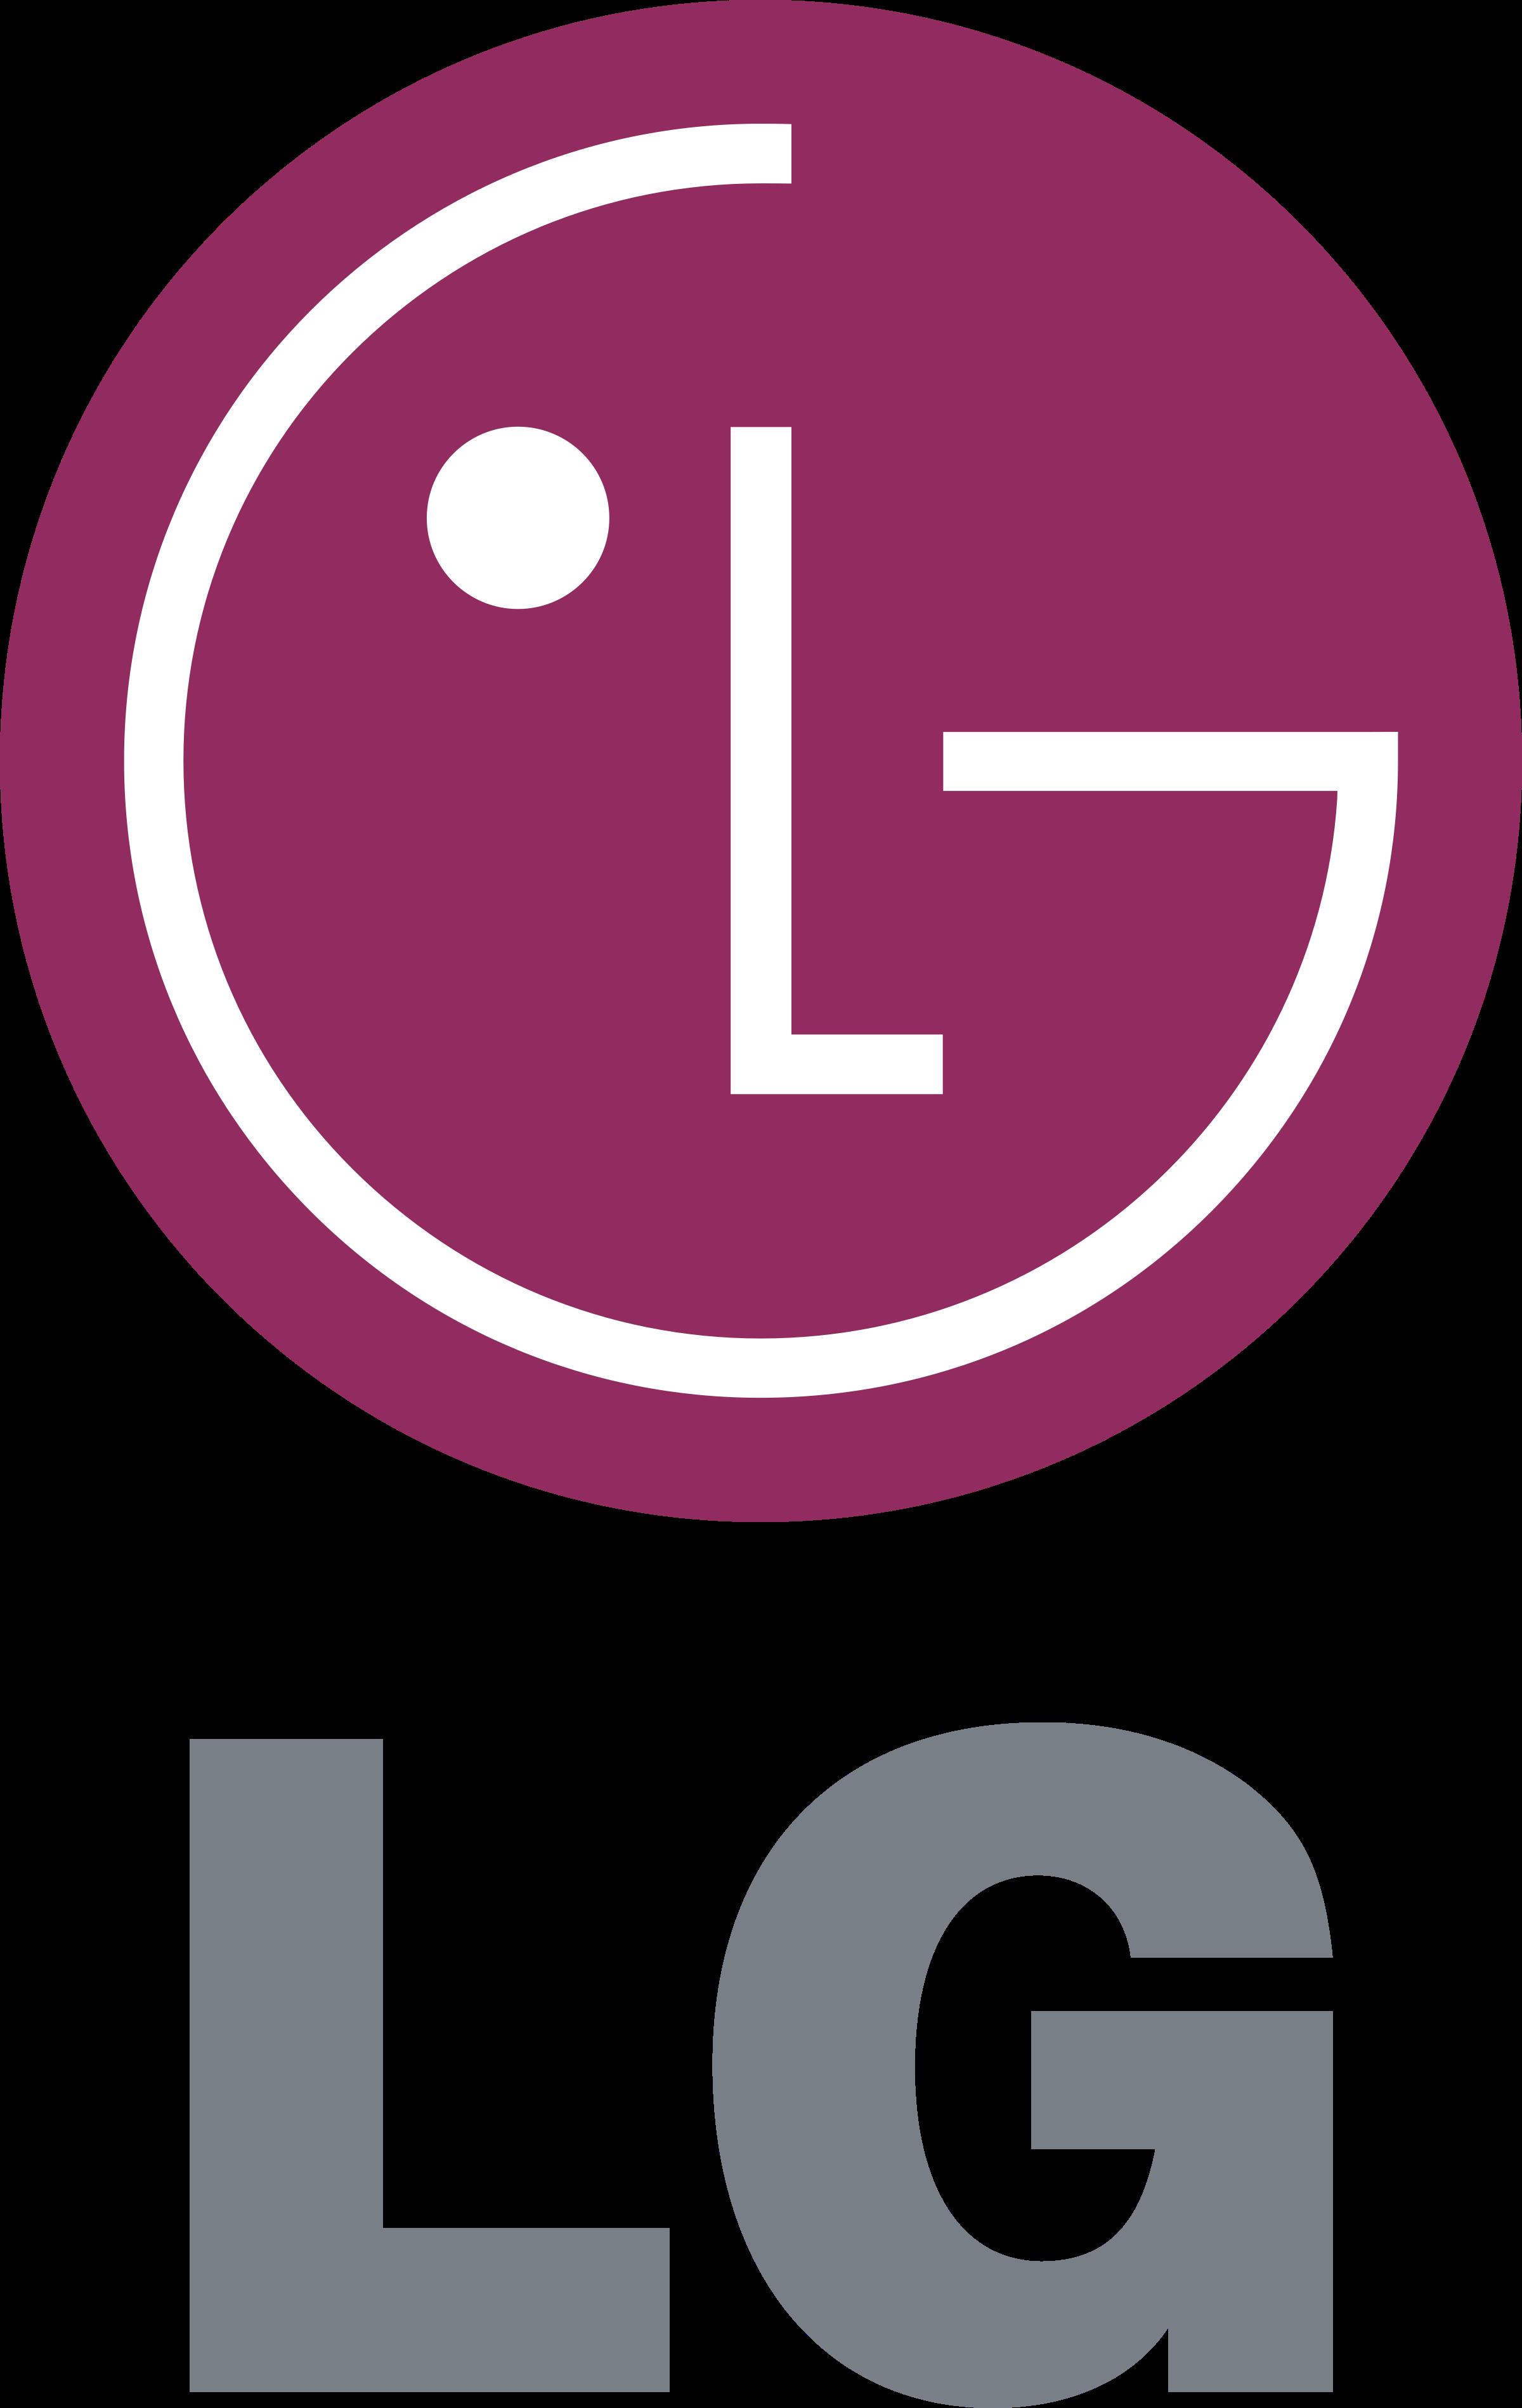 LG Logo PNG Transparent & SVG Vector.